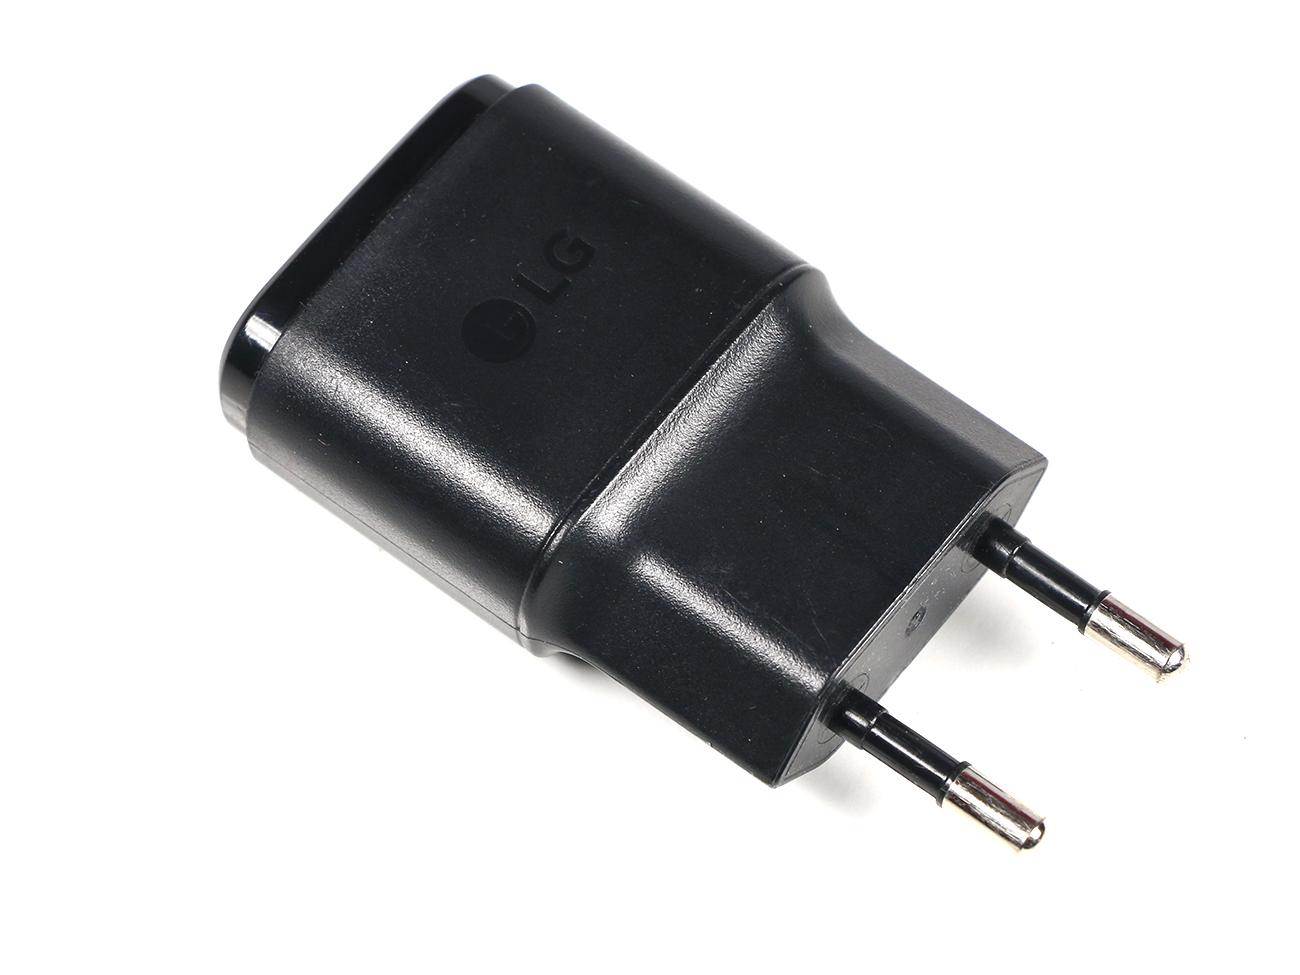 Ładowarka sieciowa LG 5V 850mA Używana